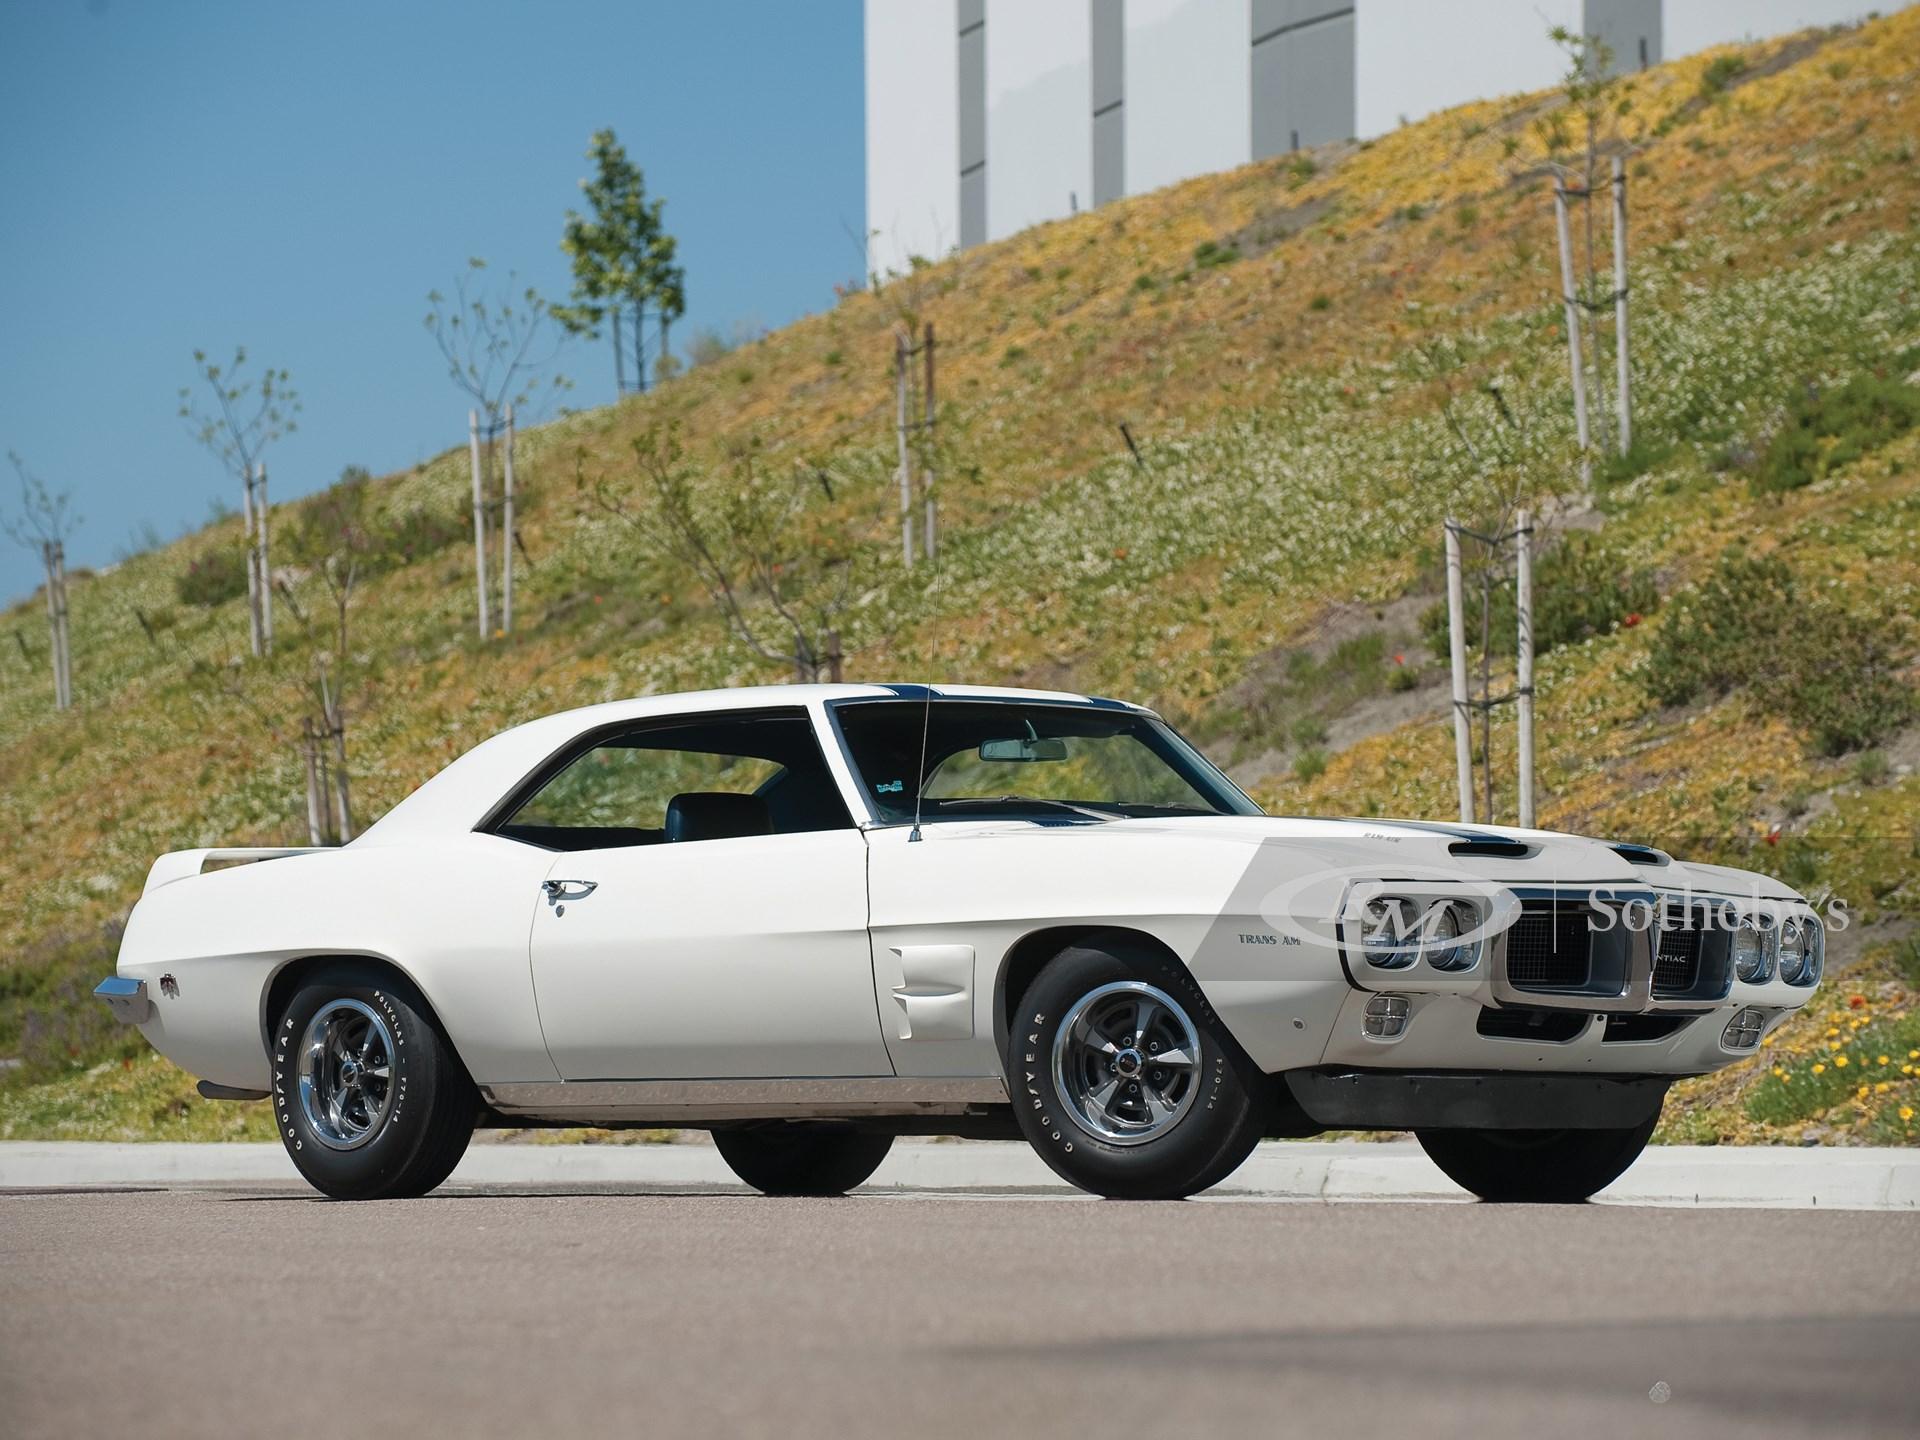 1969 Pontiac Firebird Trans Am Coupe